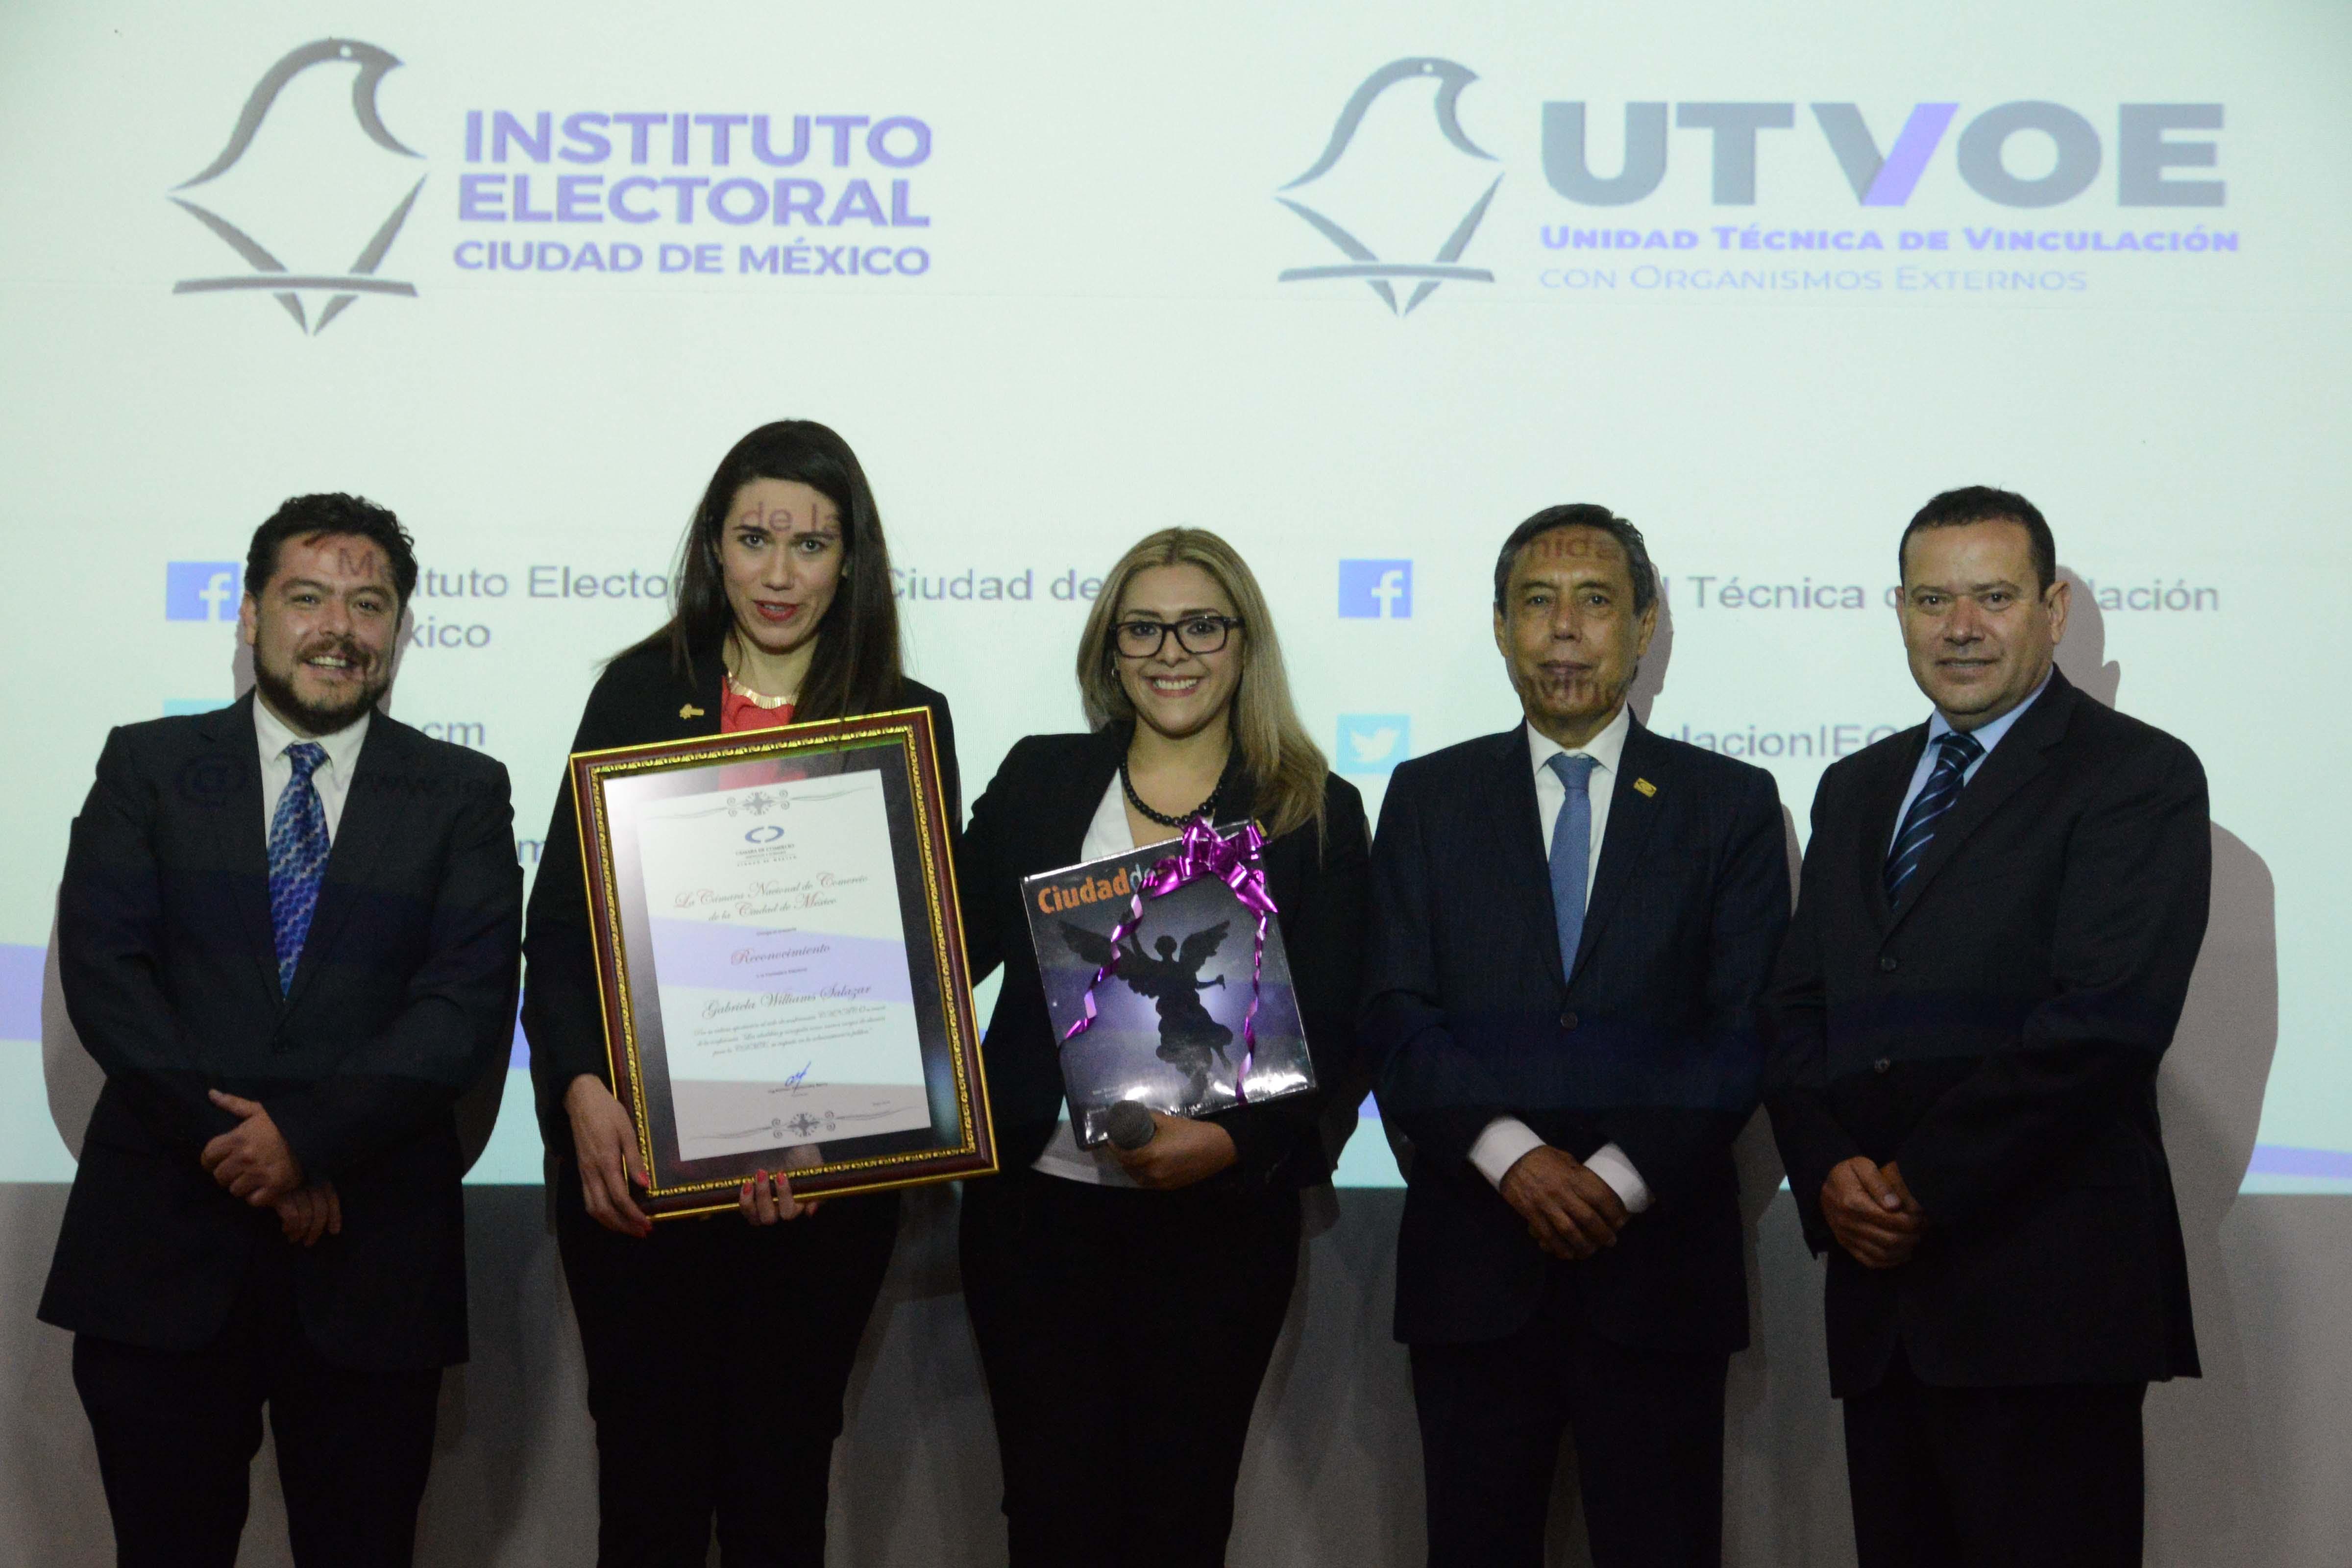 La Constitución de la CDMX permitirá la evaluación de alcaldías y Congreso local: Gabriela Williams Salazar